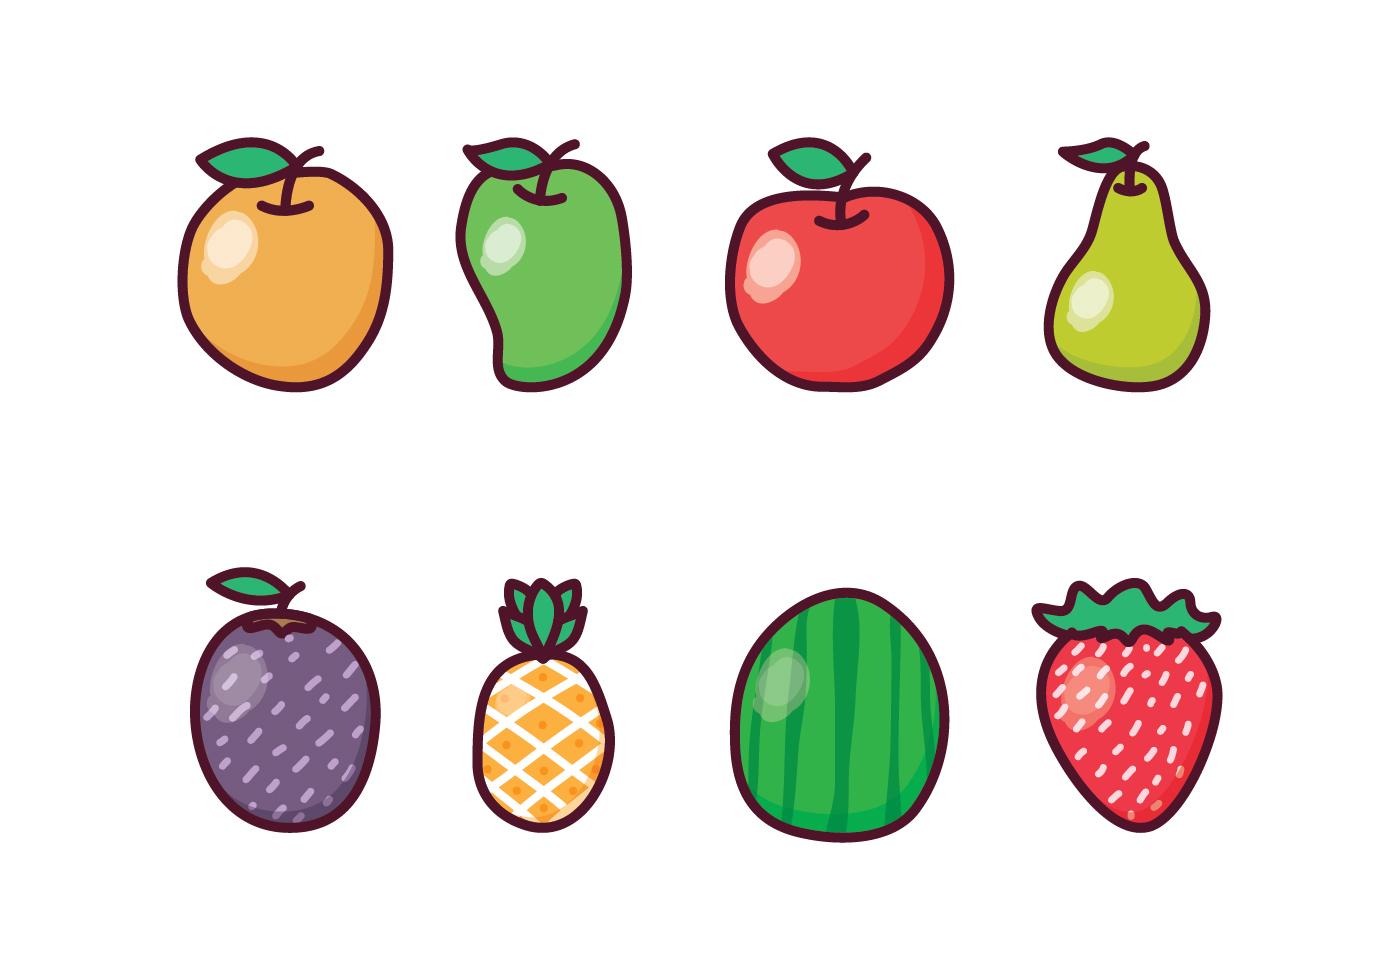 水果 插圖 免費下載   天天瘋後製